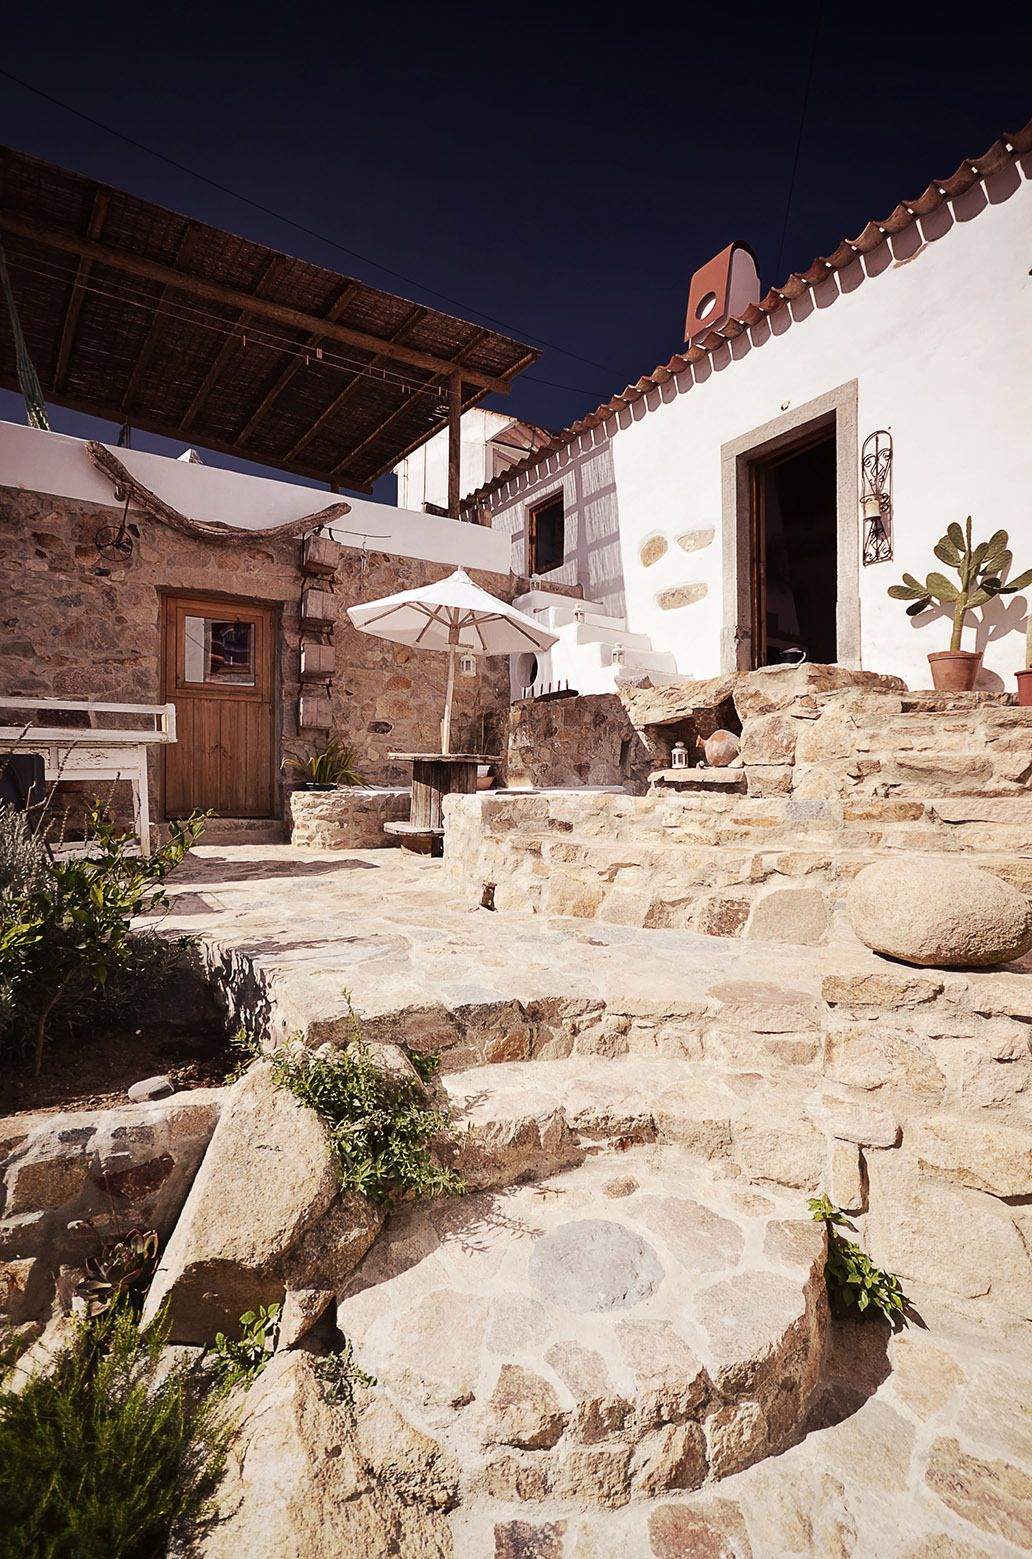 Galería - Casa en forma de Abrazo / Pedro Quintela - 12